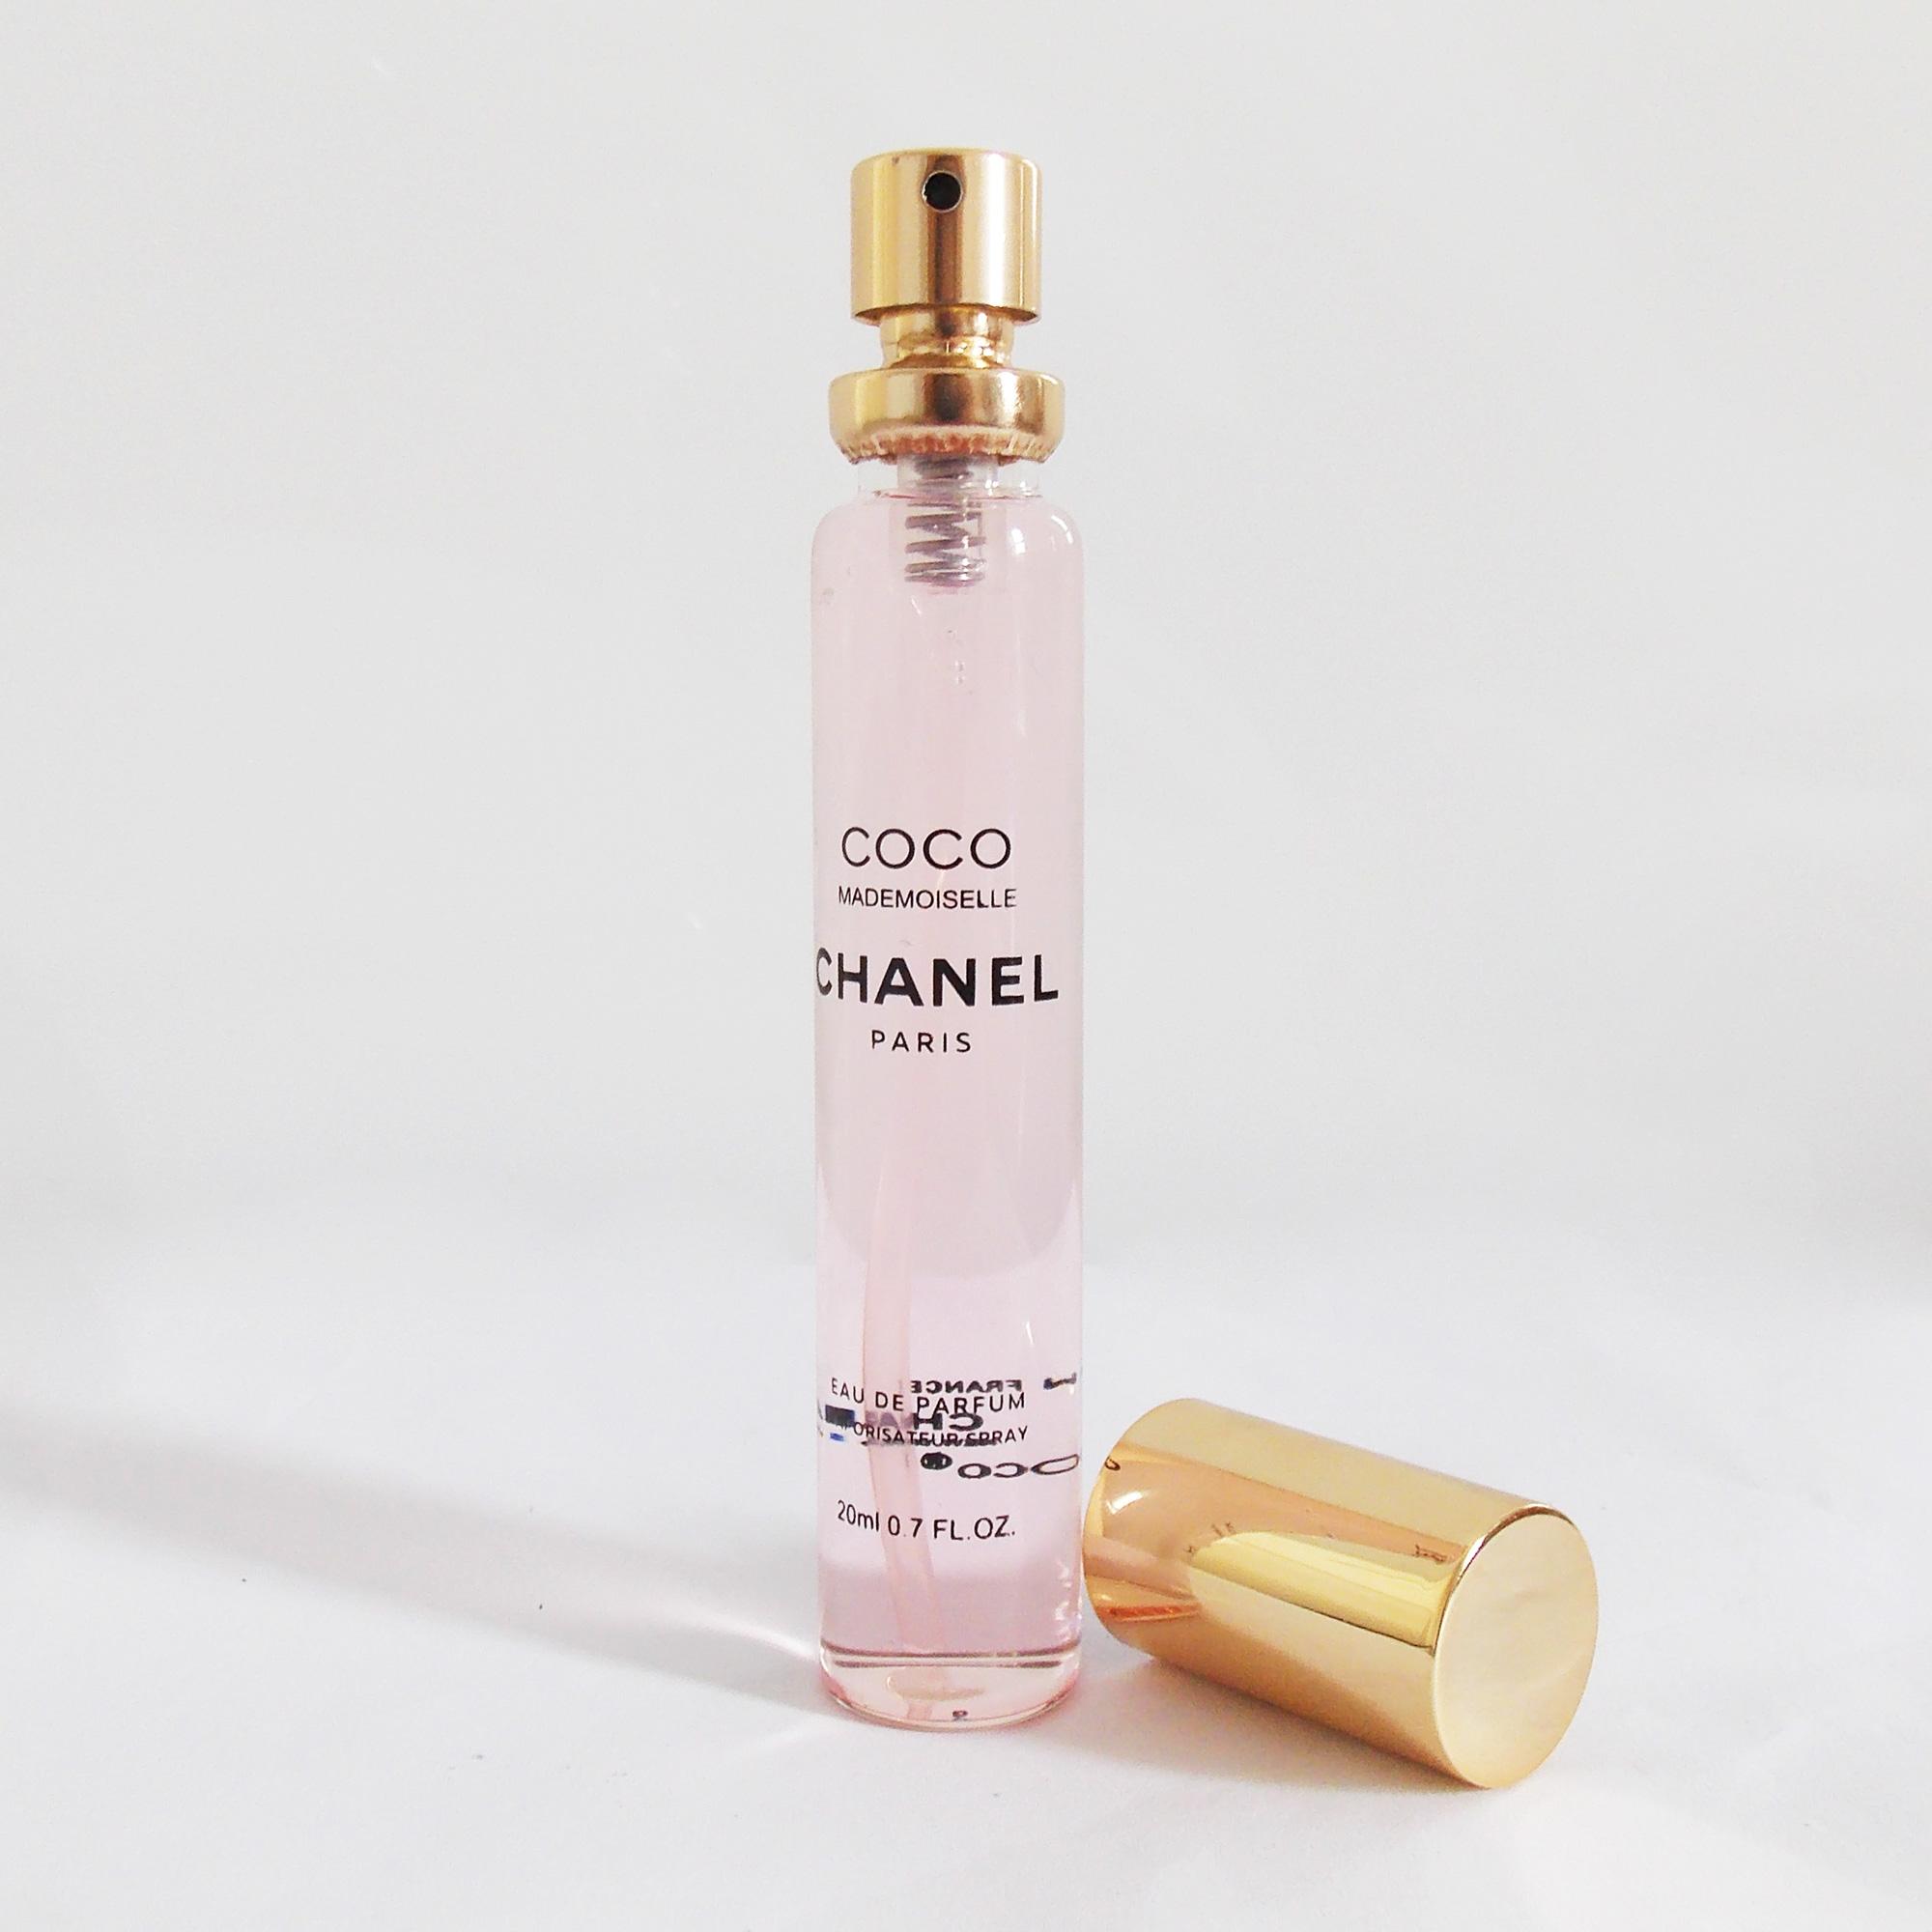 Nước hoa thơm dịu Chanel COCO chai xịt 20ml